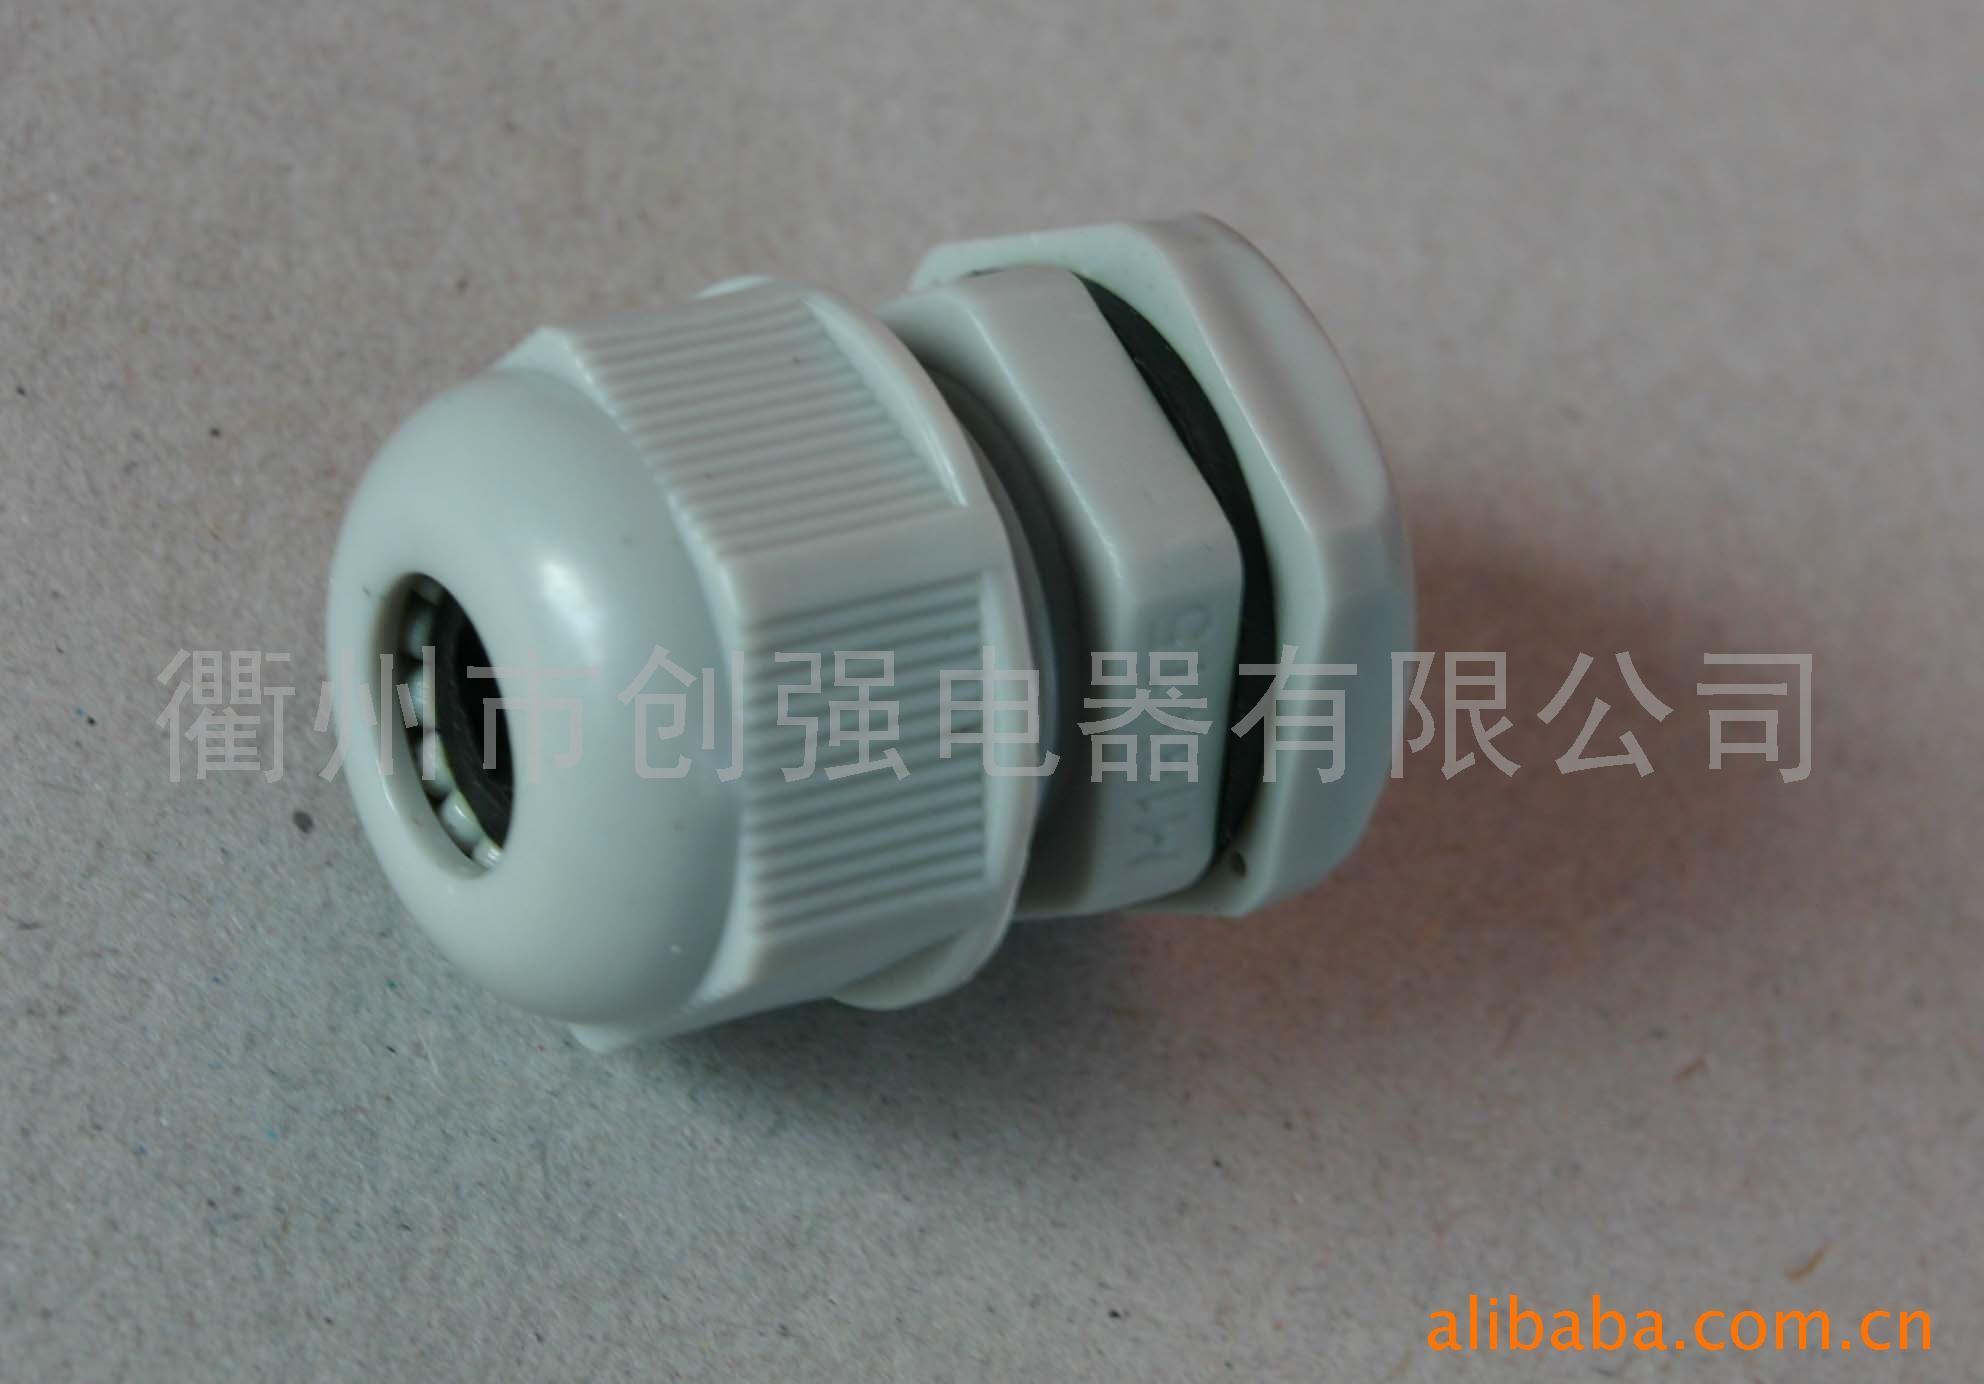 t8t5t4灯座;启辉器座系例;接线端子系例;防水接头;灯头;主营行业